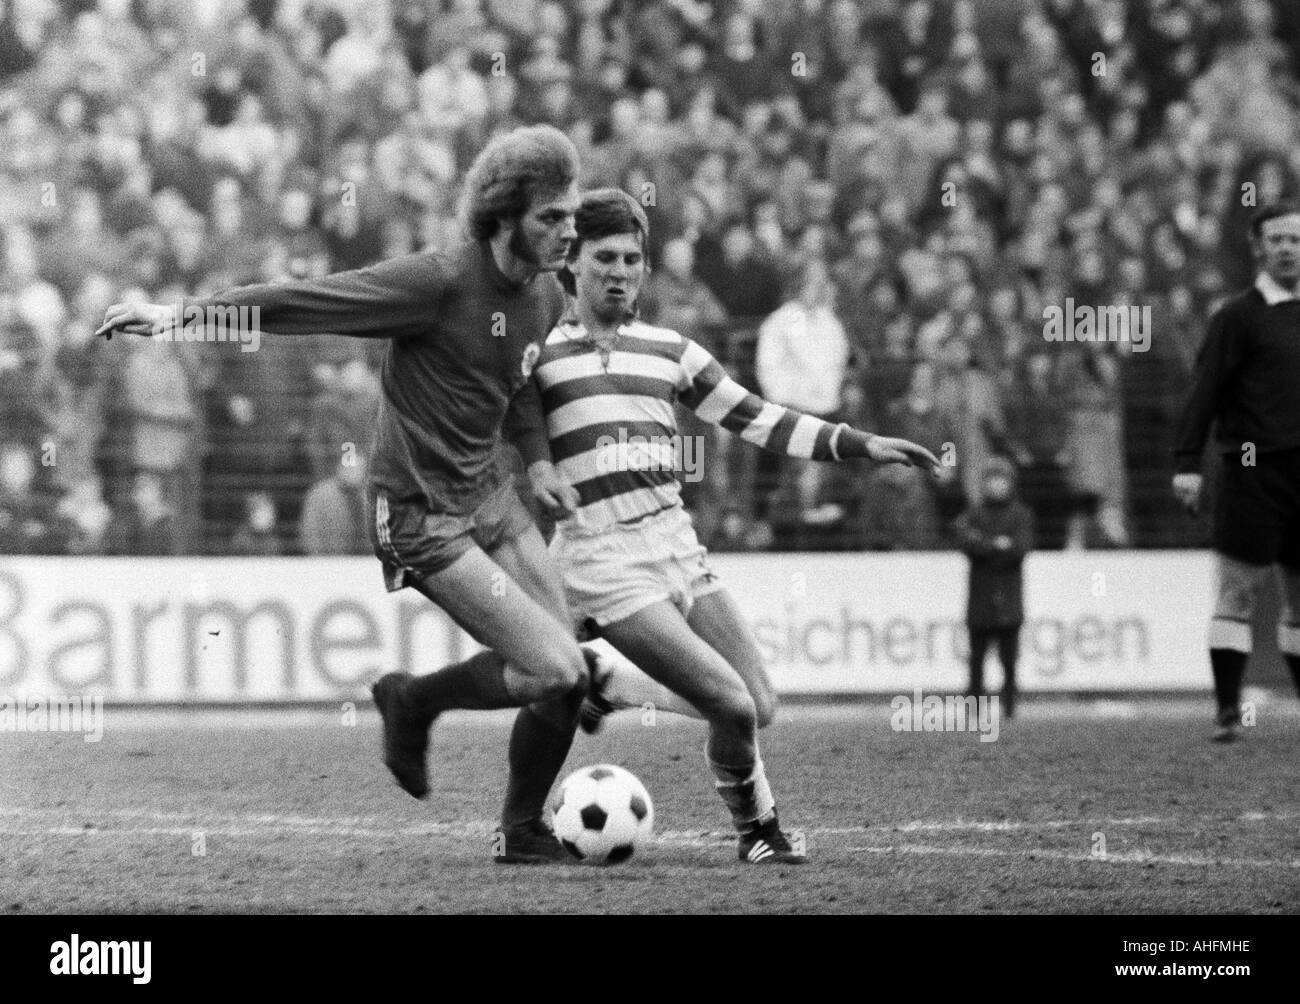 football, Bundesliga, 1971/1972, Wedau Stadium in Duisburg, MSV Duisburg versus Rot-Weiss Oberhausen 0:0, scene of the match, duel between Uwe Kliemann (RWO) left and Ronald Worm (MSV) - Stock Image